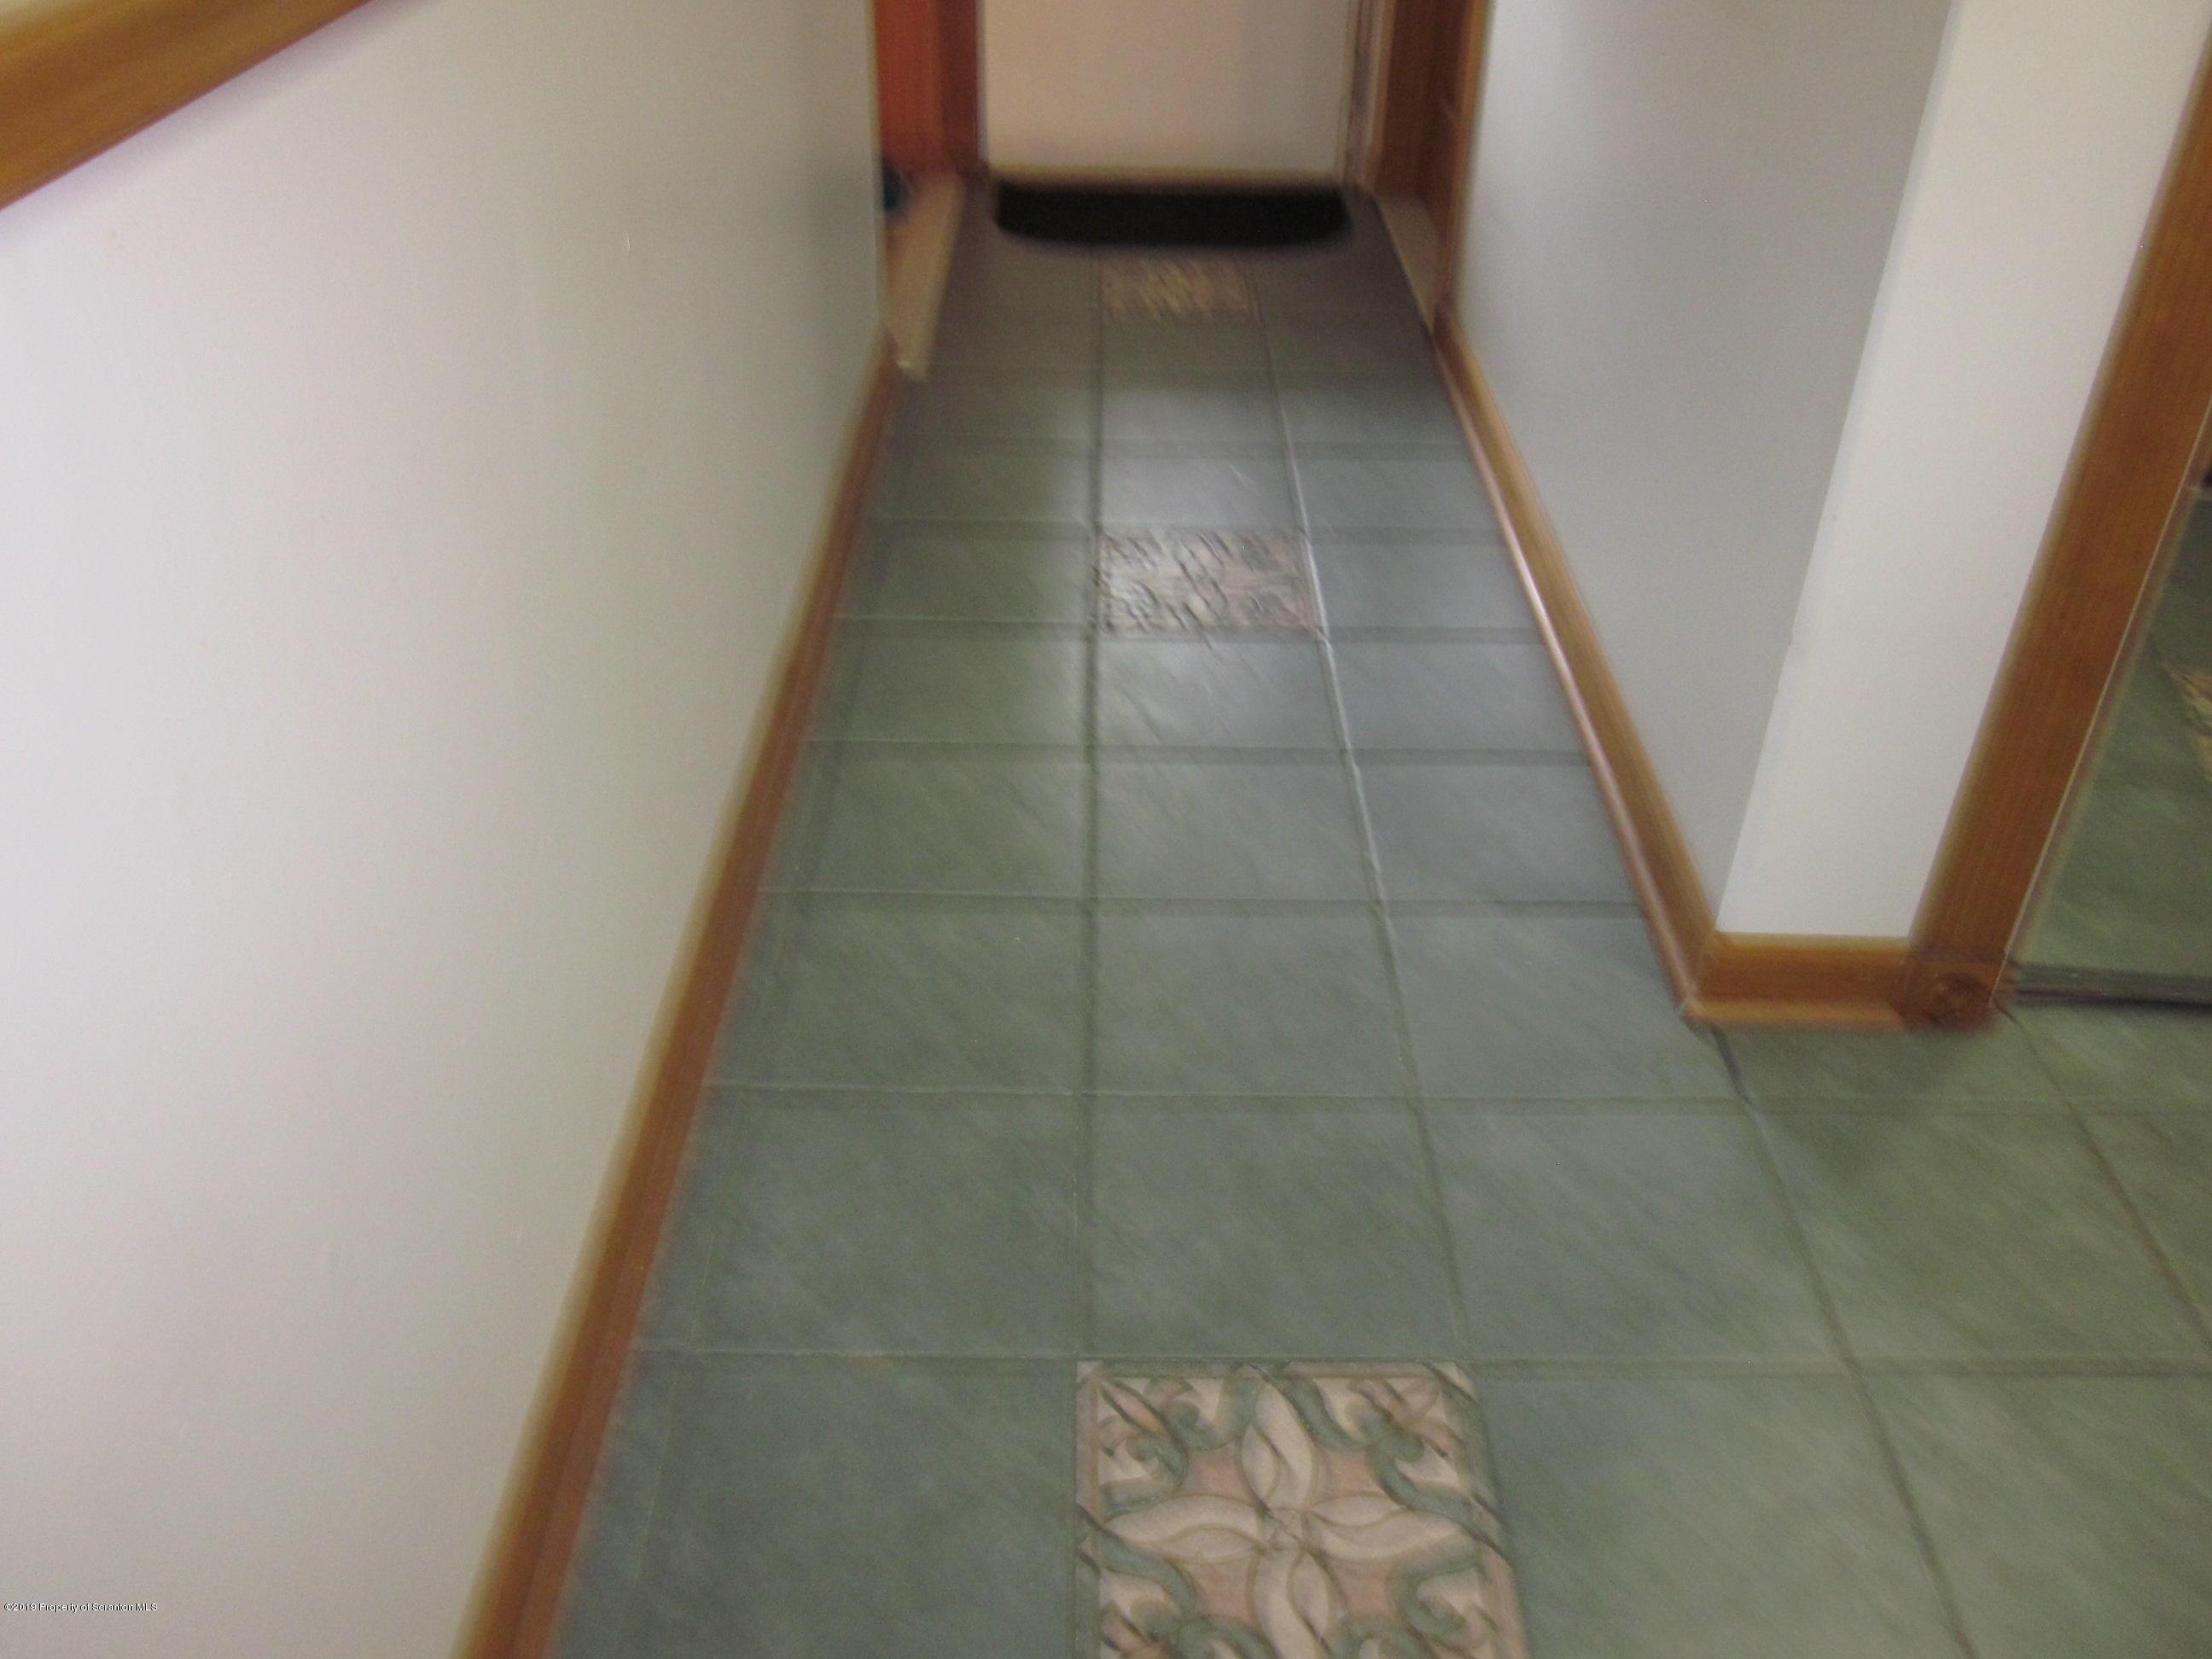 101 Abington Gardens, South Abington Twp, Pennsylvania 18411, 3 Bedrooms Bedrooms, 7 Rooms Rooms,3 BathroomsBathrooms,Residential - condo/townhome,For Sale,Abington Gardens,19-2941